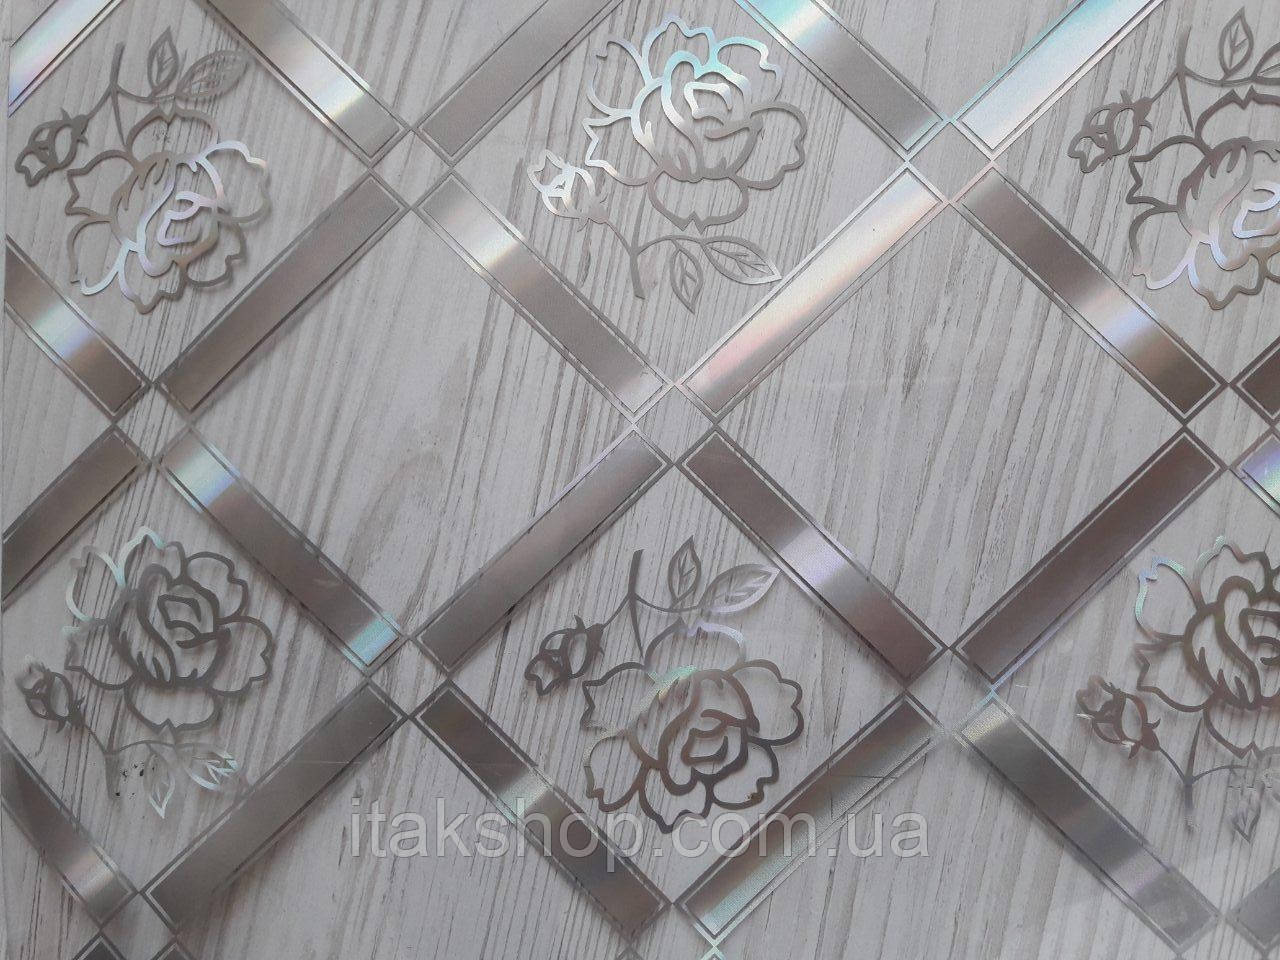 Мягкое стекло Скатерть с лазерным рисунком Soft Glass 2.8х0.8м толщина 1.5мм Серебристая роза в квадрате